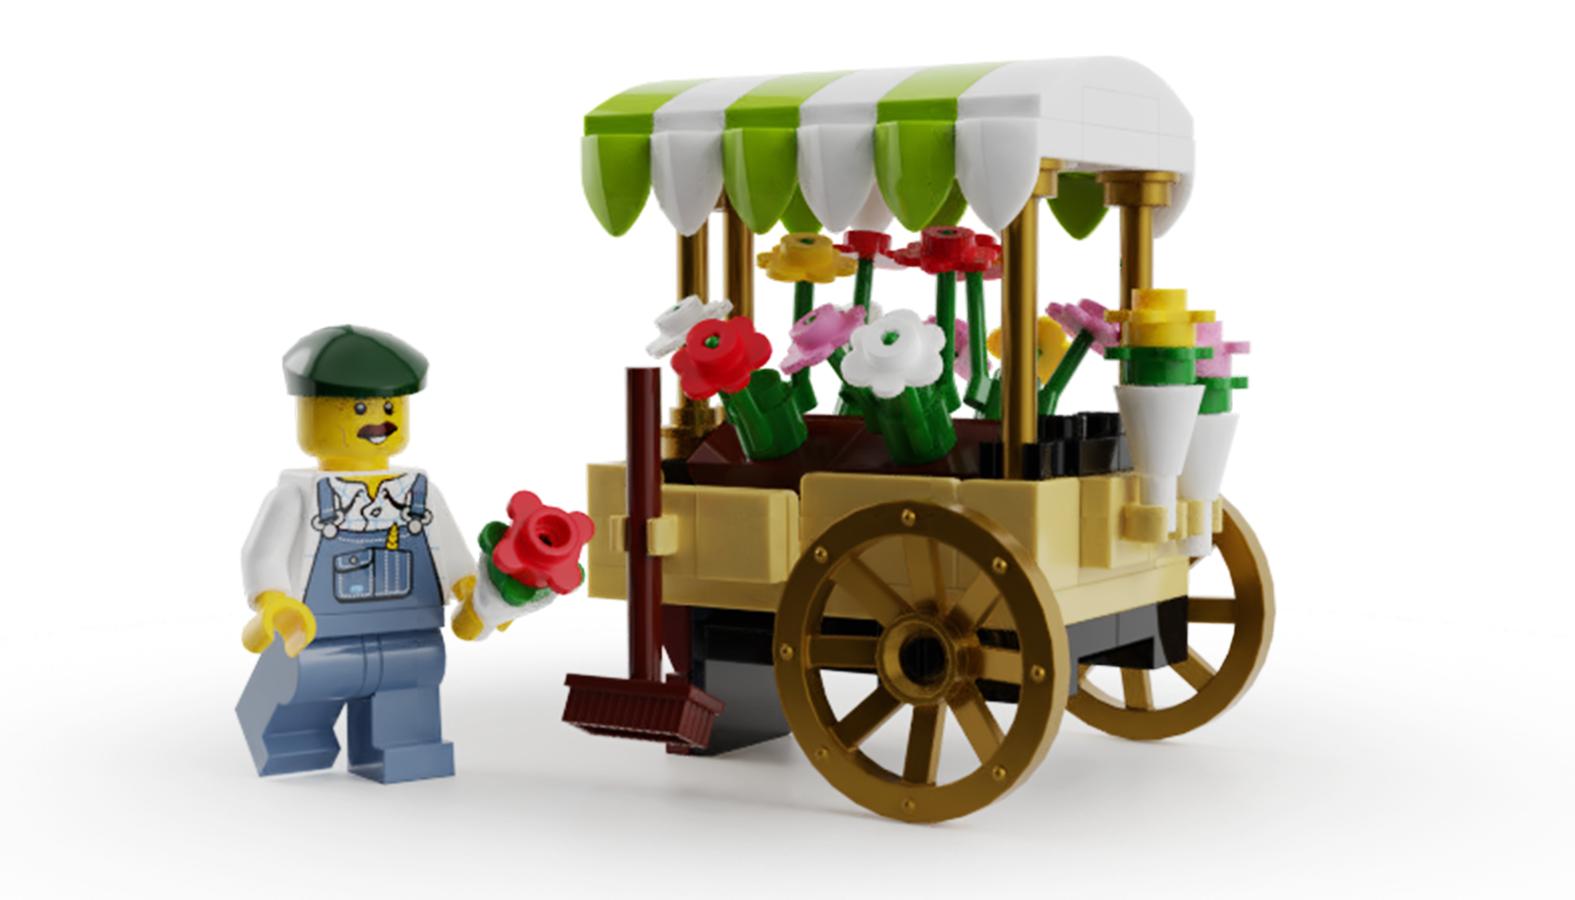 lego-ideas-bricks-blooms-blumenwagen-bricked1980 zusammengebaut.com